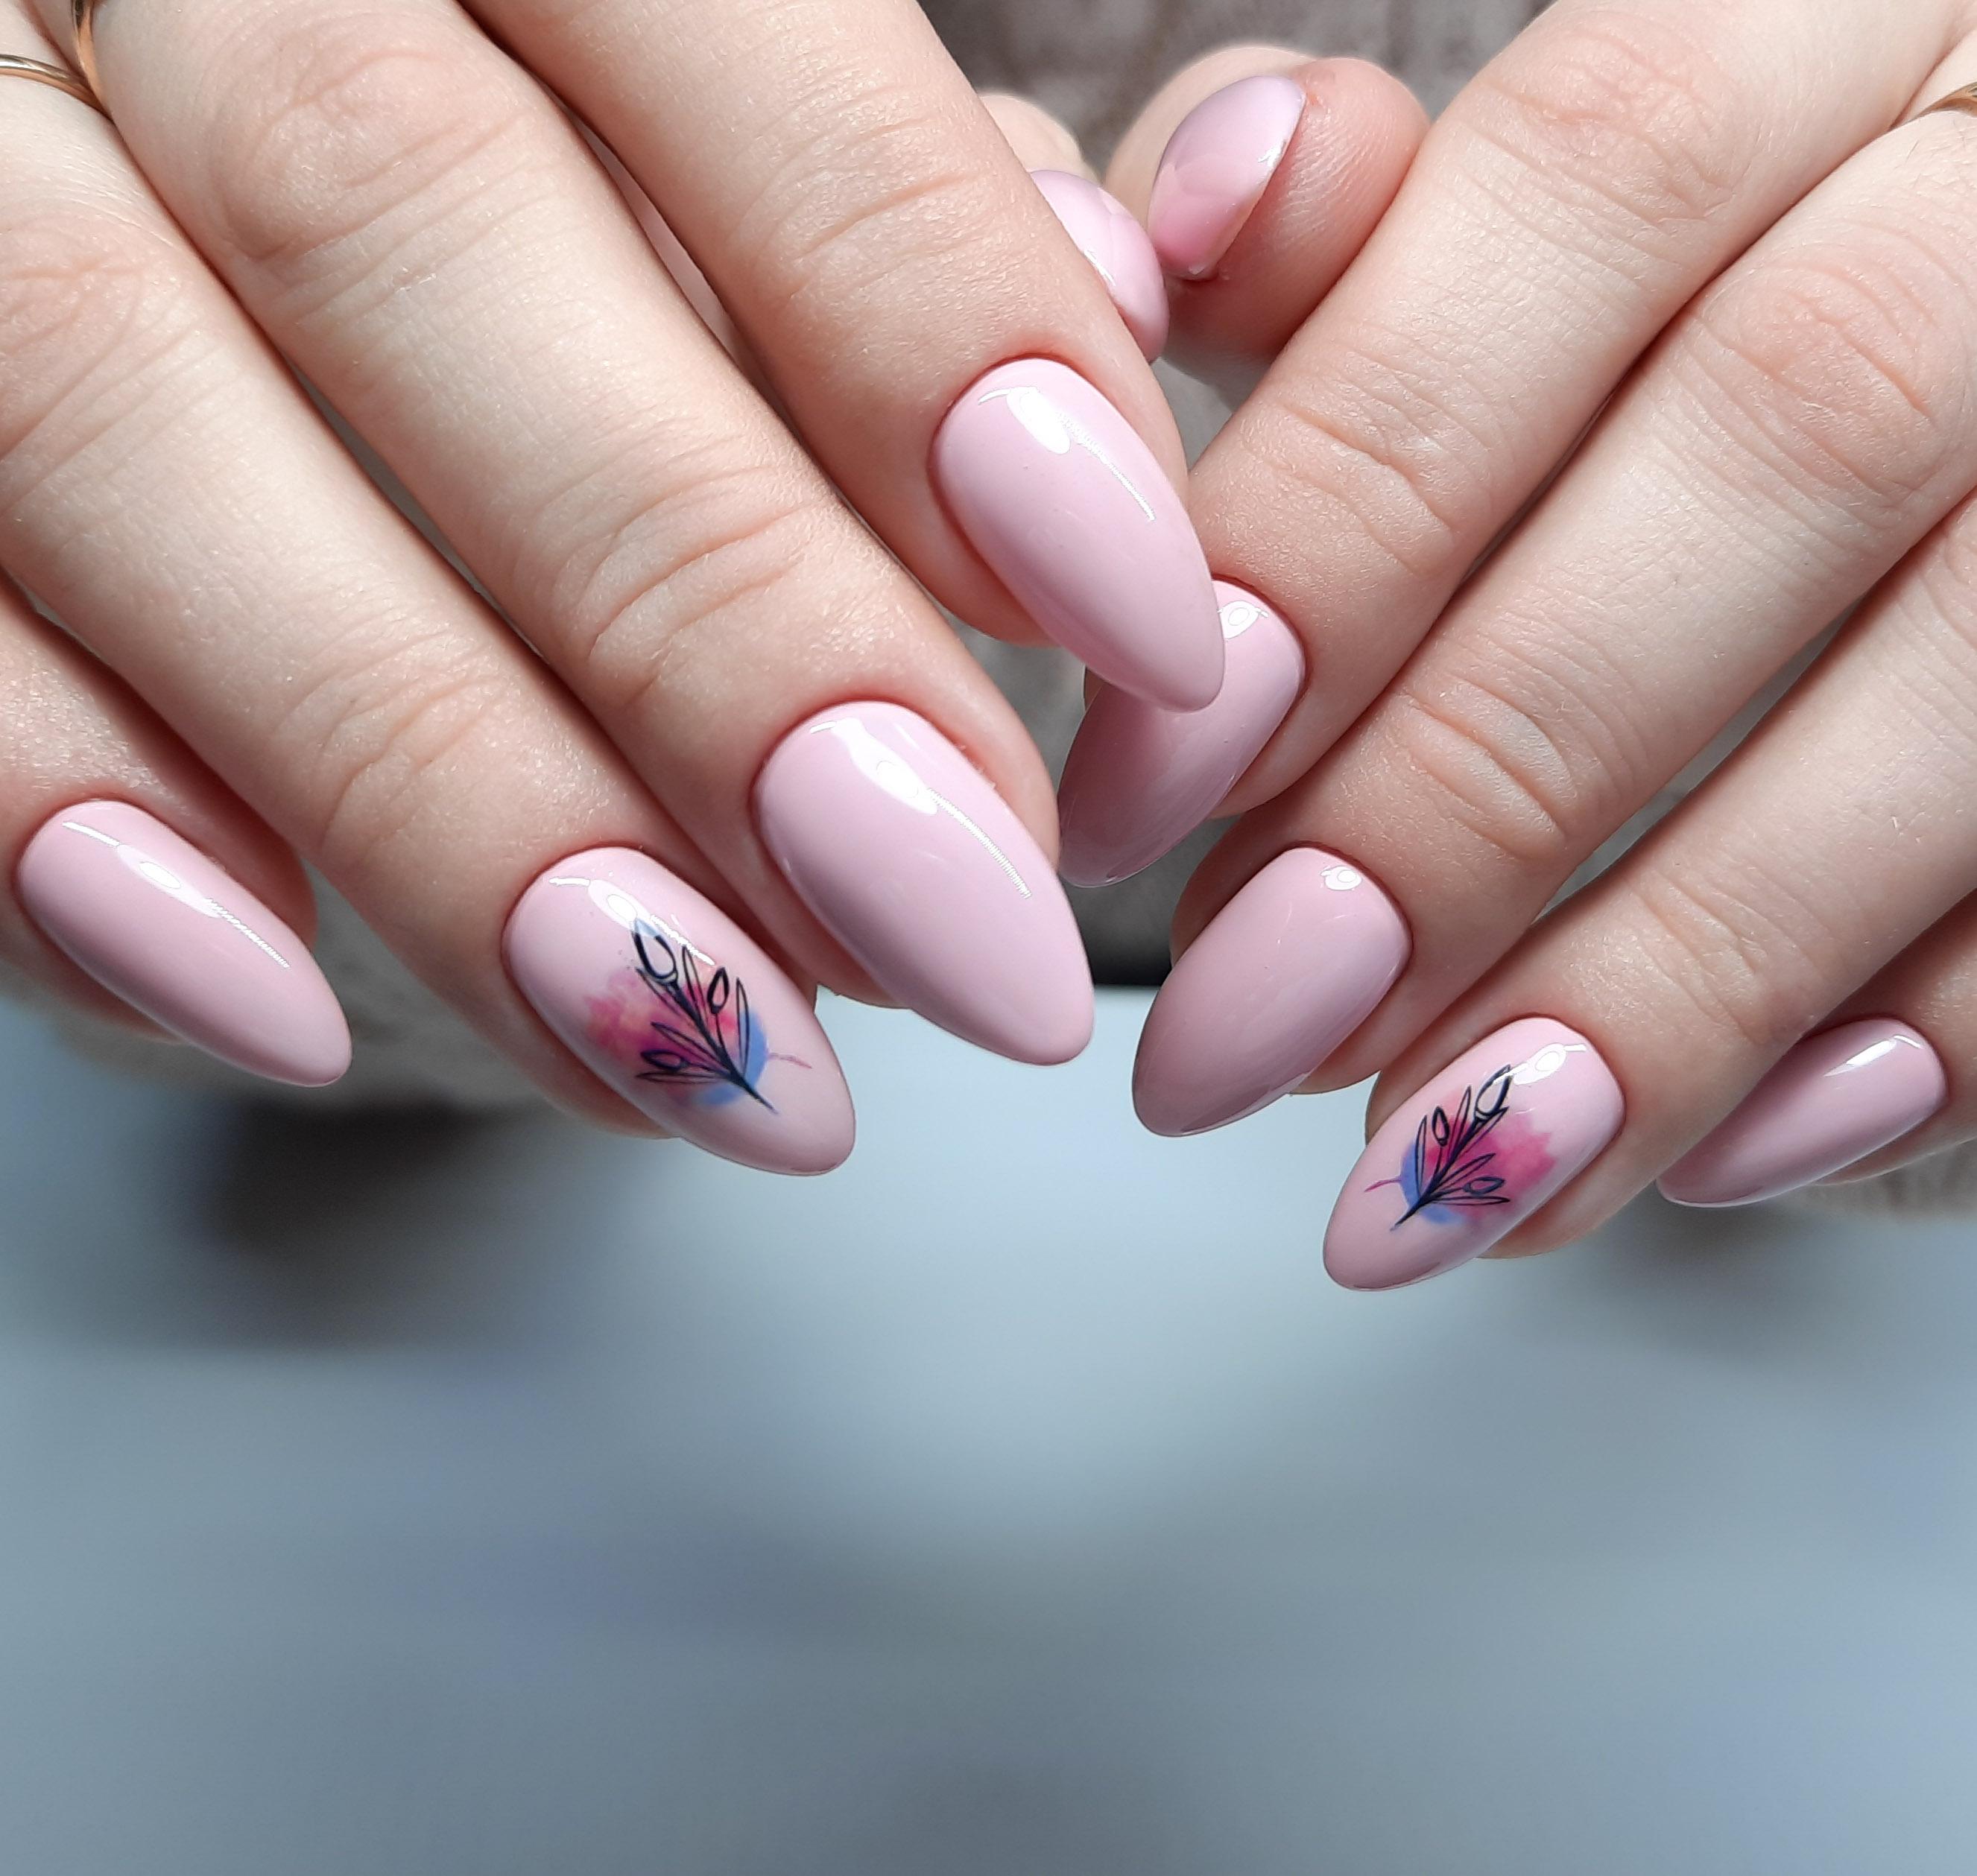 Маникюр с растительным слайдером в розовом цвете.